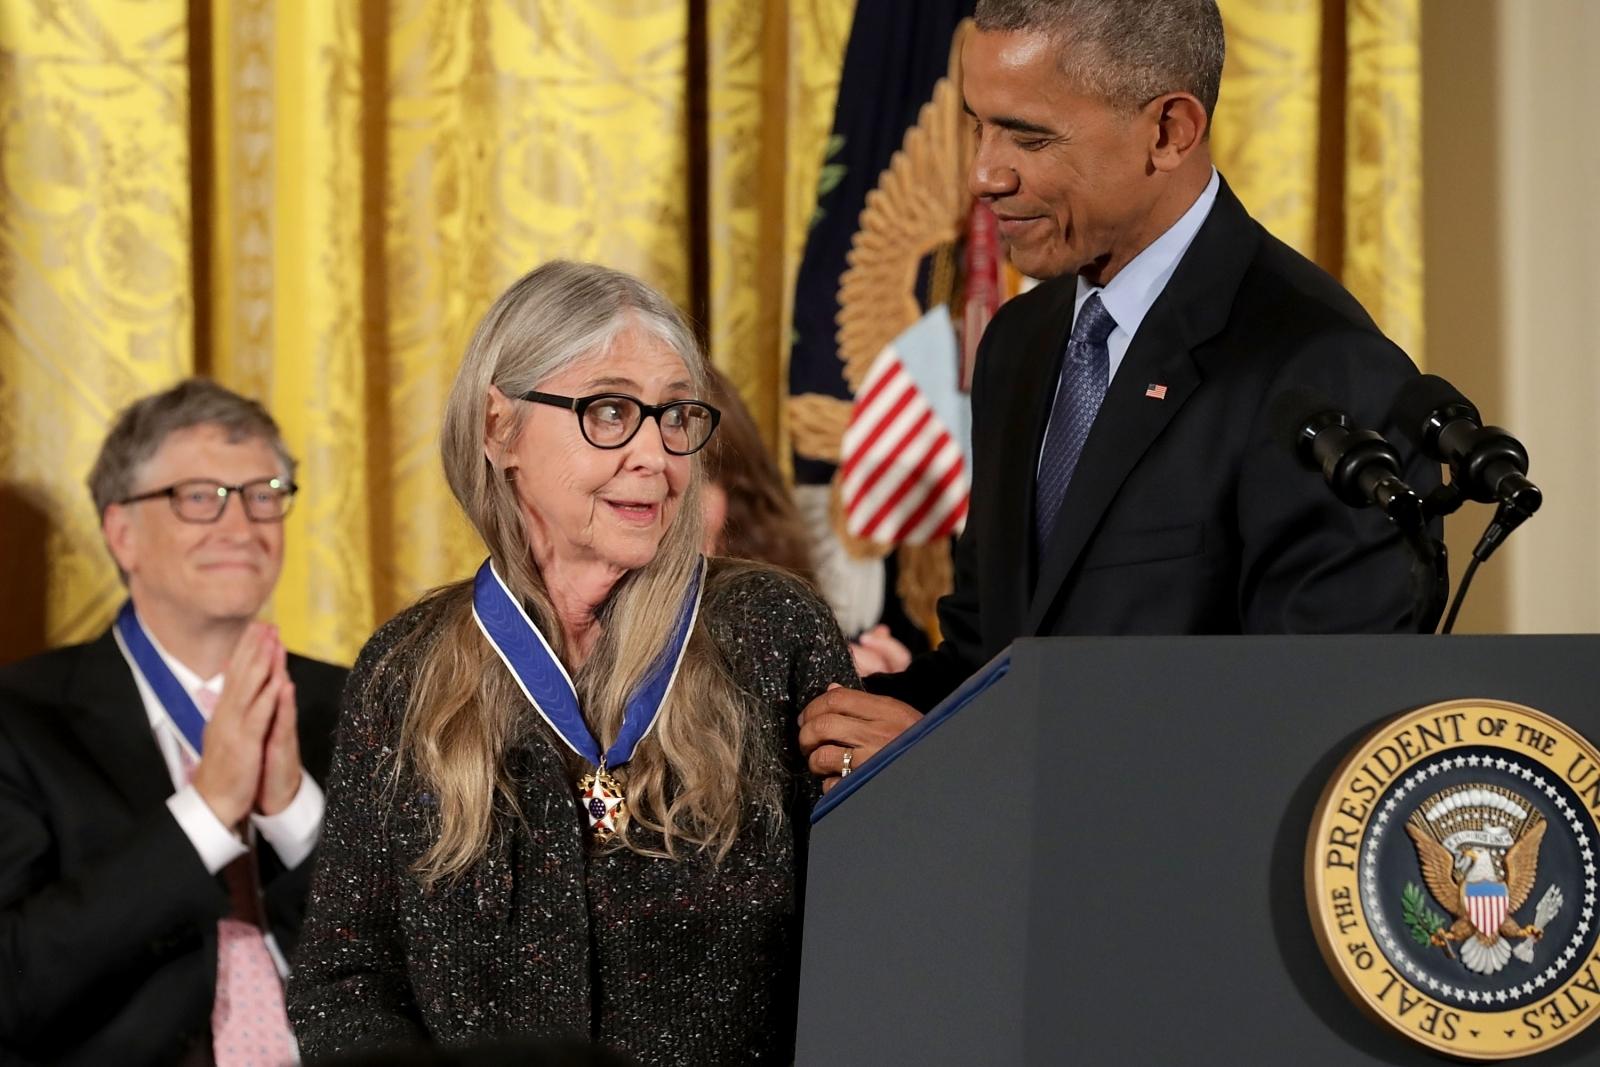 Obama awards Margaret Hamilton Medal of Freedom